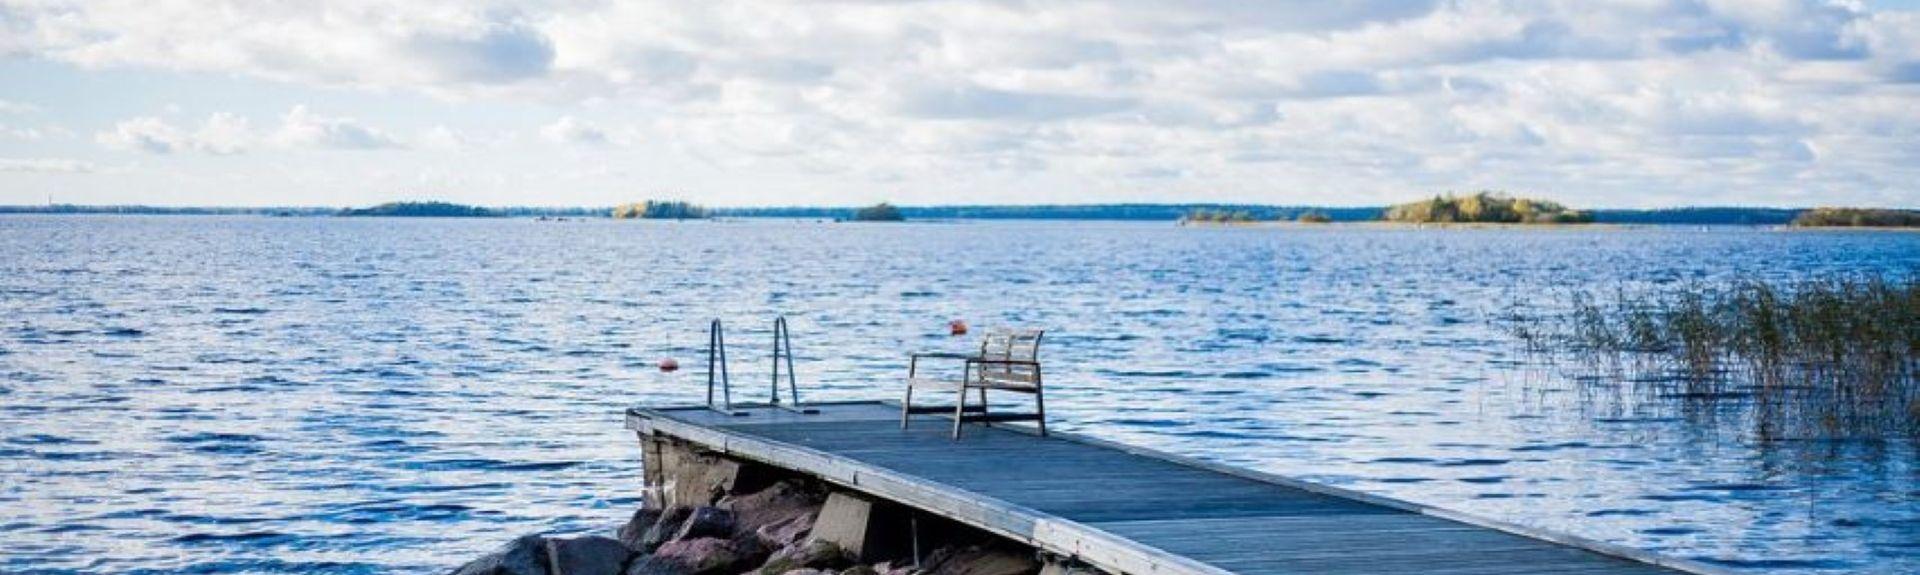 Südfinnland, Finnland